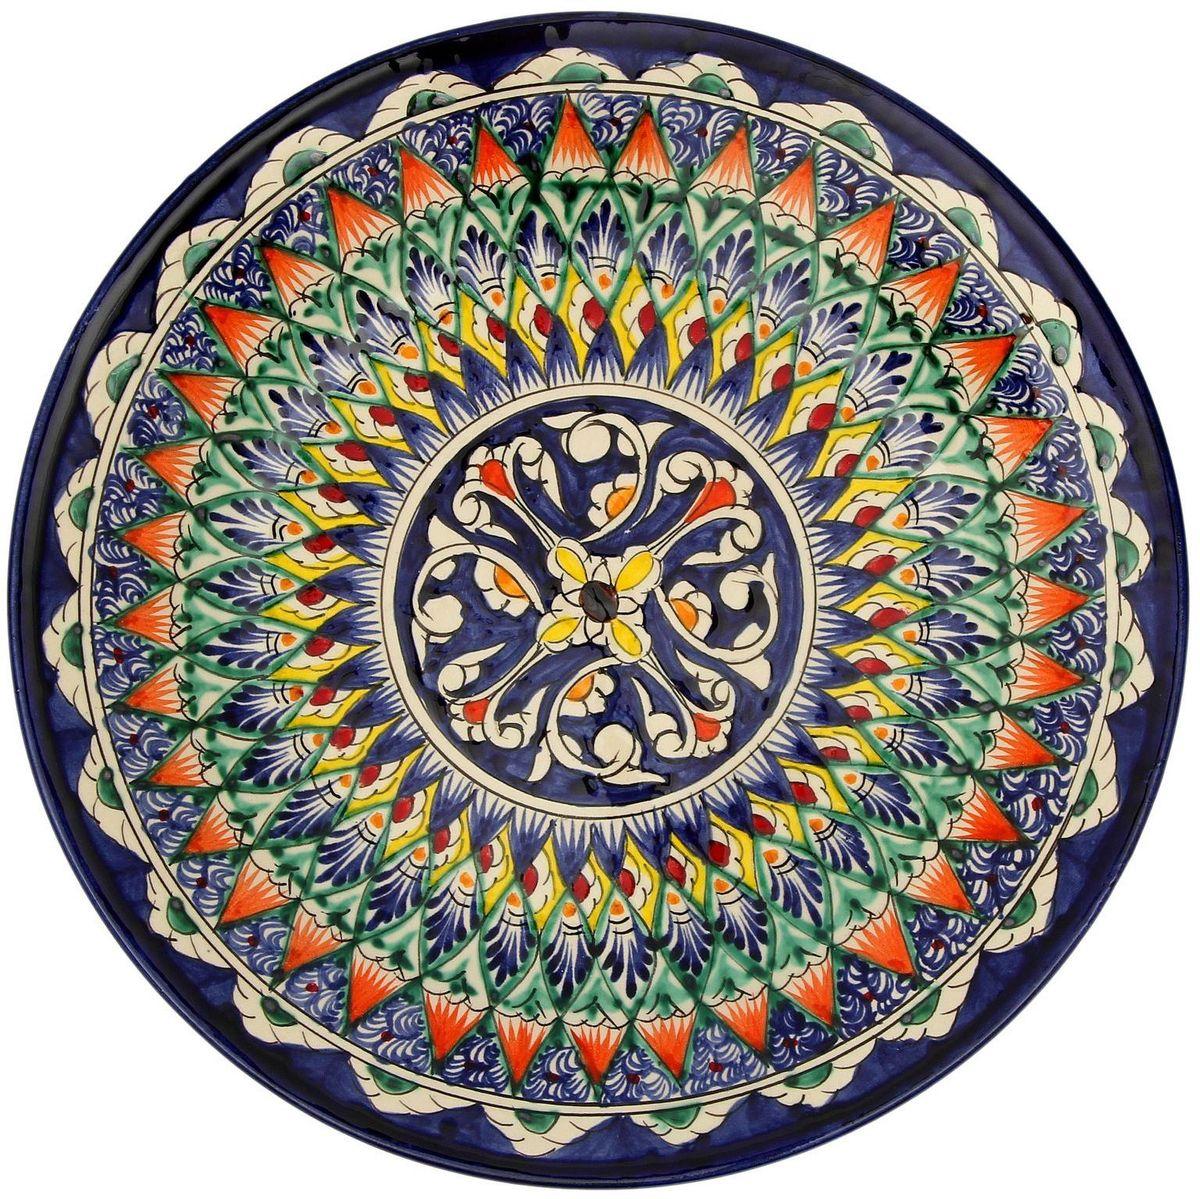 Тарелка Риштанская керамика, диаметр 27 см. 21387032138703Узбекская посуда известна всему миру уже более тысячи лет. Ей любовались царские особы, на ней подавали еду шейхам и знатным персонам. Формула глазури передаётся из поколения в поколение. По сей день качественные изделия продолжают восхищать своей идеальной формой.Данный предмет подойдёт для повседневной и праздничной сервировки. Дополните стол текстилем и салфетками в тон, чтобы получить элегантное убранство с яркими акцентами.Возможны отличия некоторых элементов рисунка от того, что представлено на фото. Товар расписывается вручную.